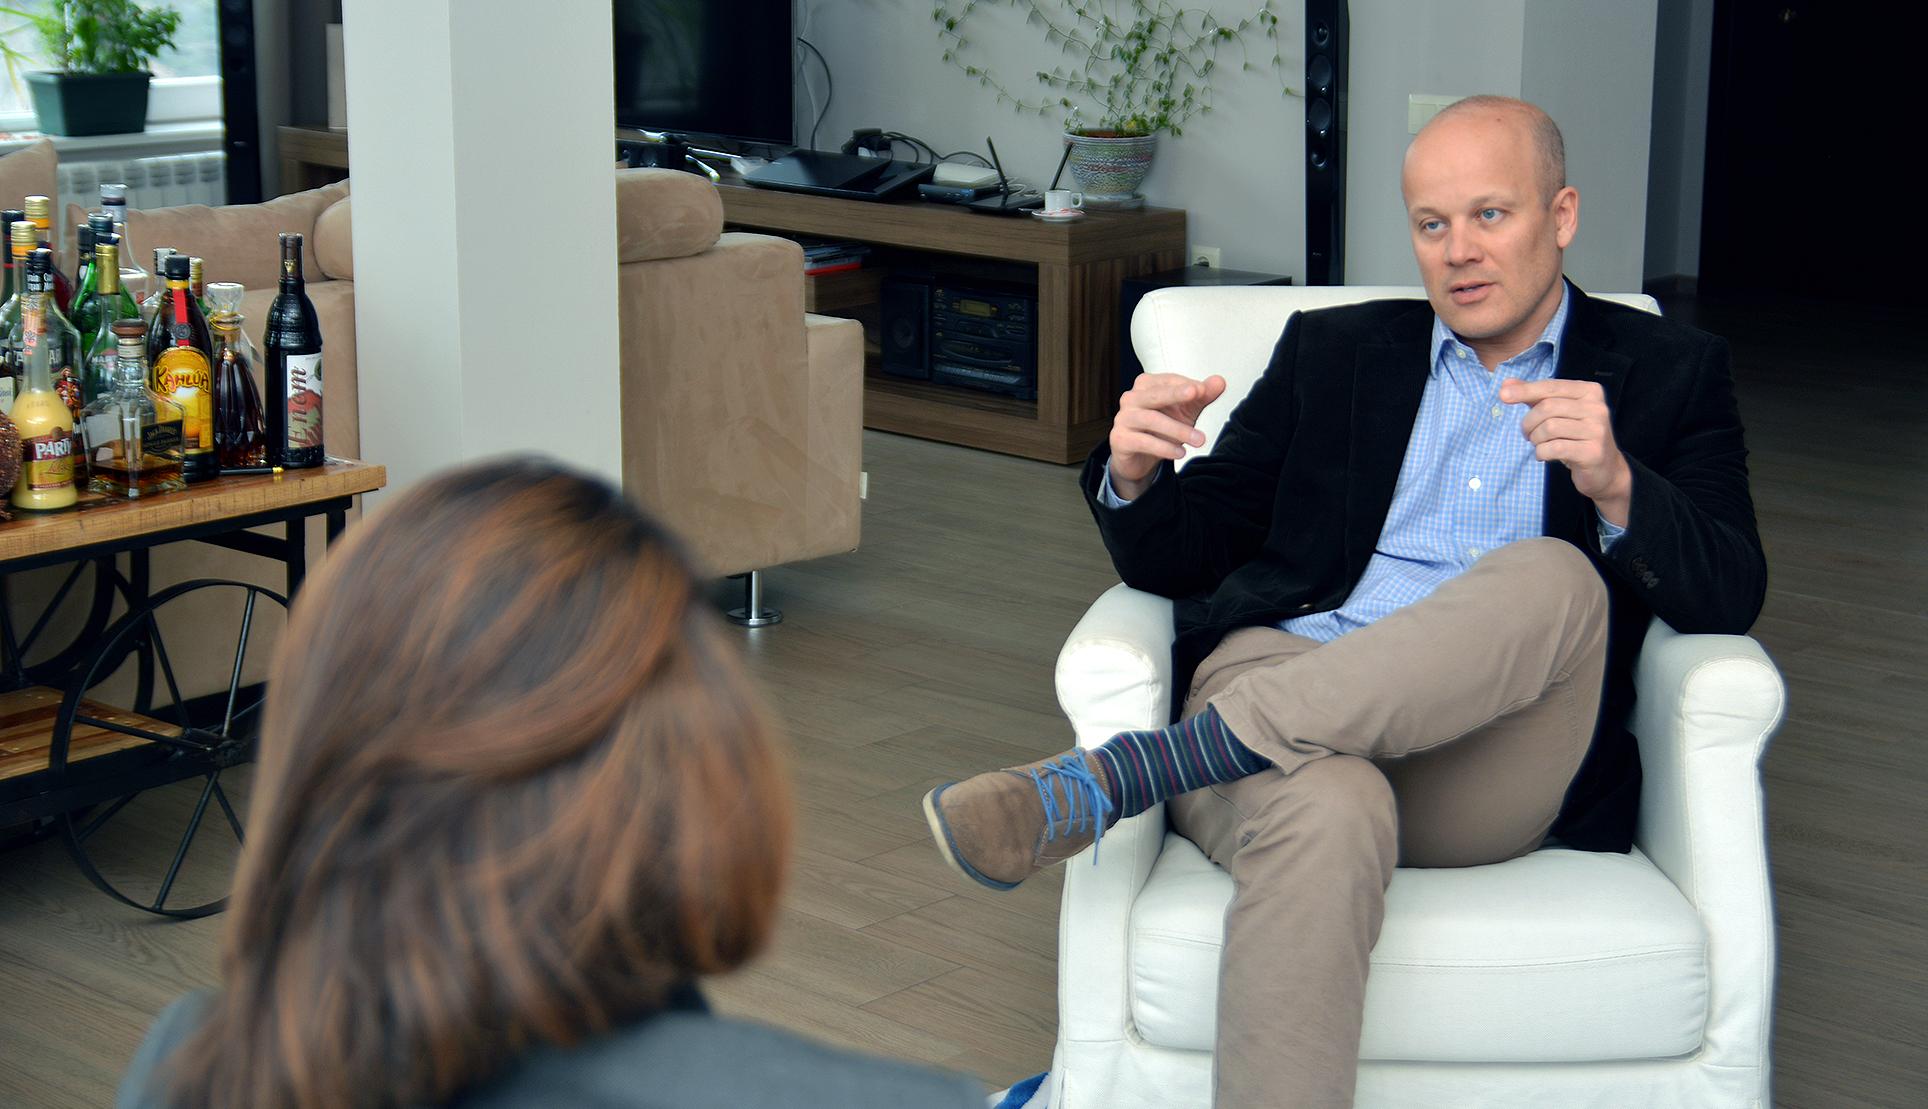 Рудольф Михалка. Посол Словацкой Республики в Грузии (фото: sova.news)